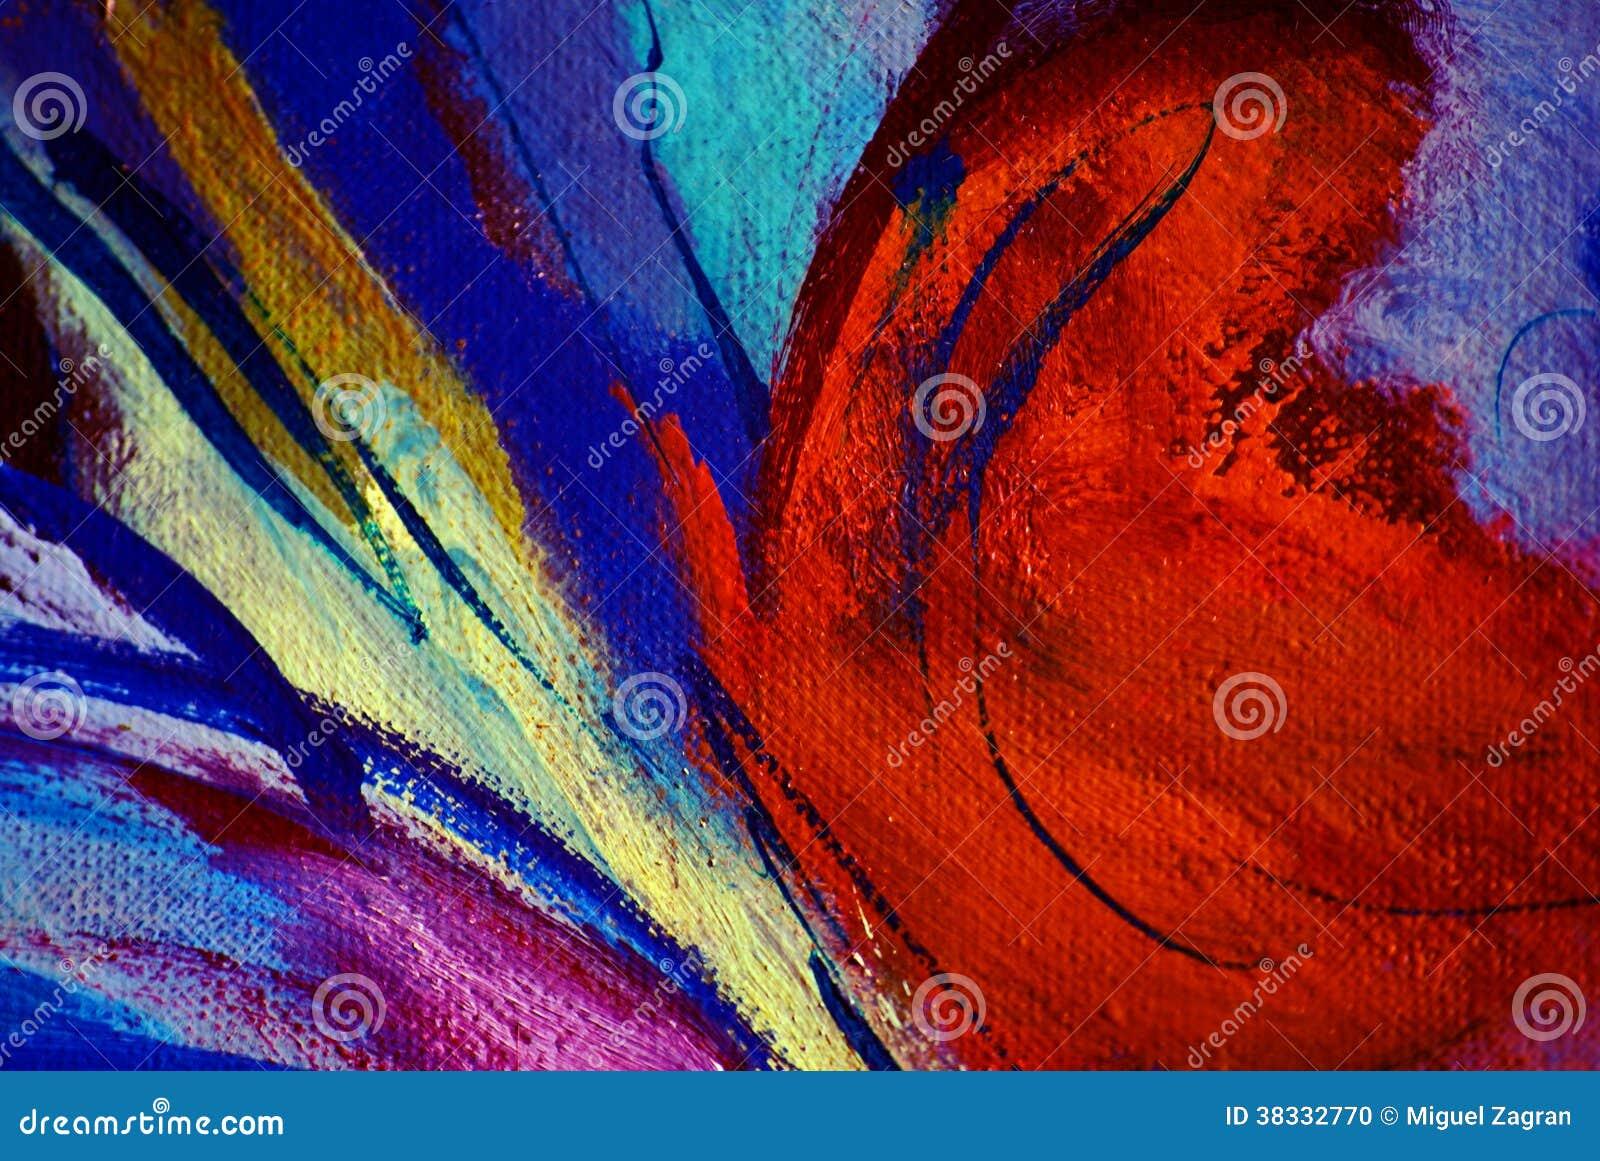 Pintura abstrata pelo óleo na lona, ilustração, fundo